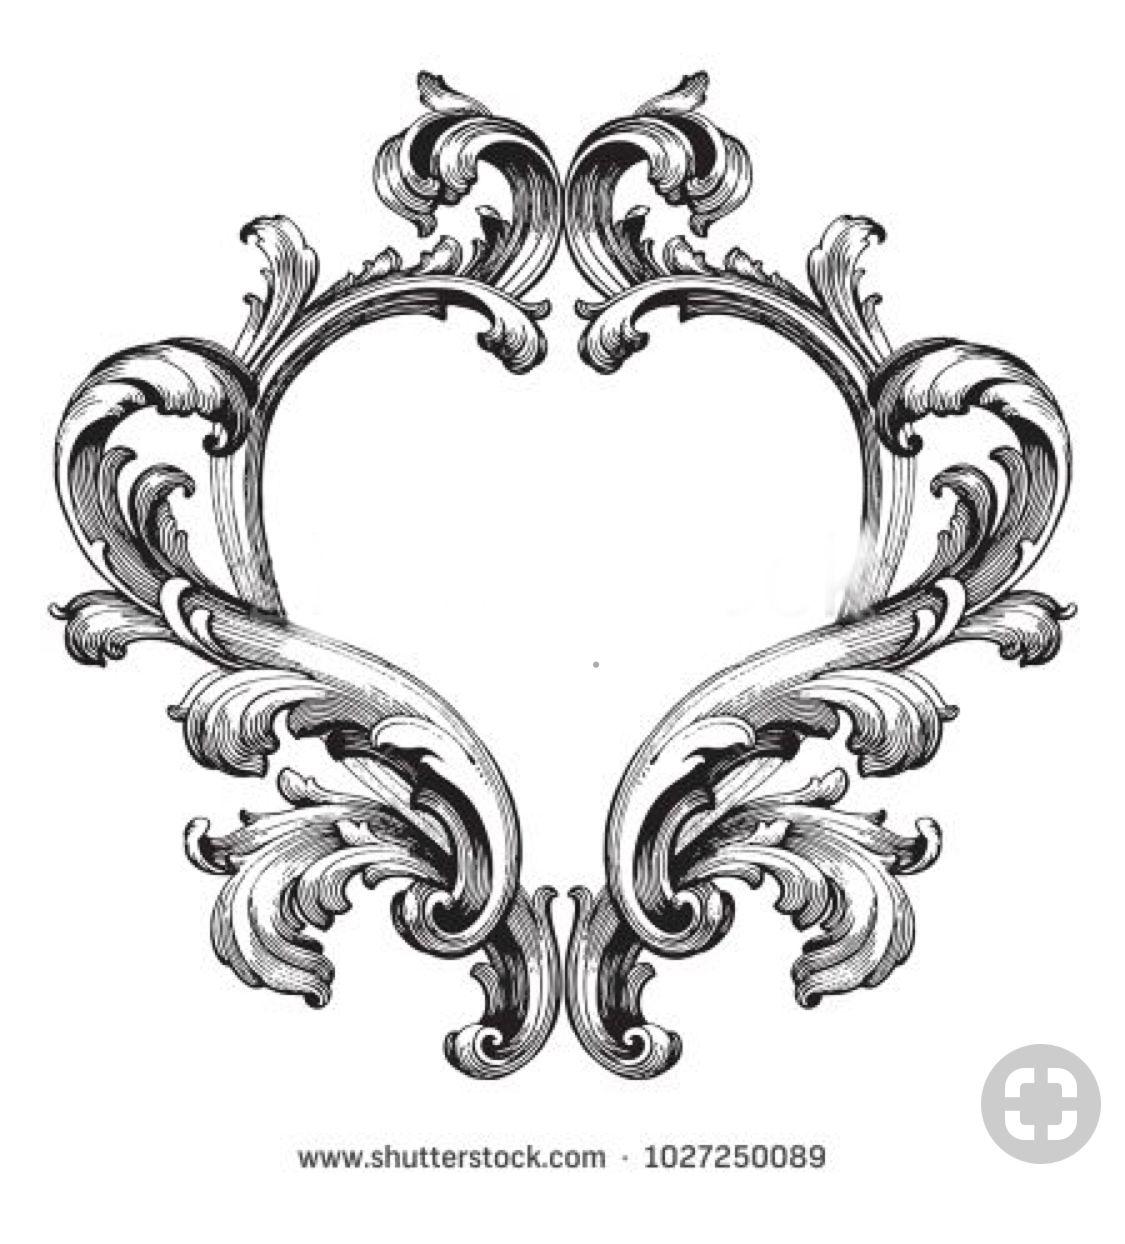 Pin By Joshua Moran On Baroque Floral Scrolls Filigree Tattoo Ornament Drawing Framed Tattoo